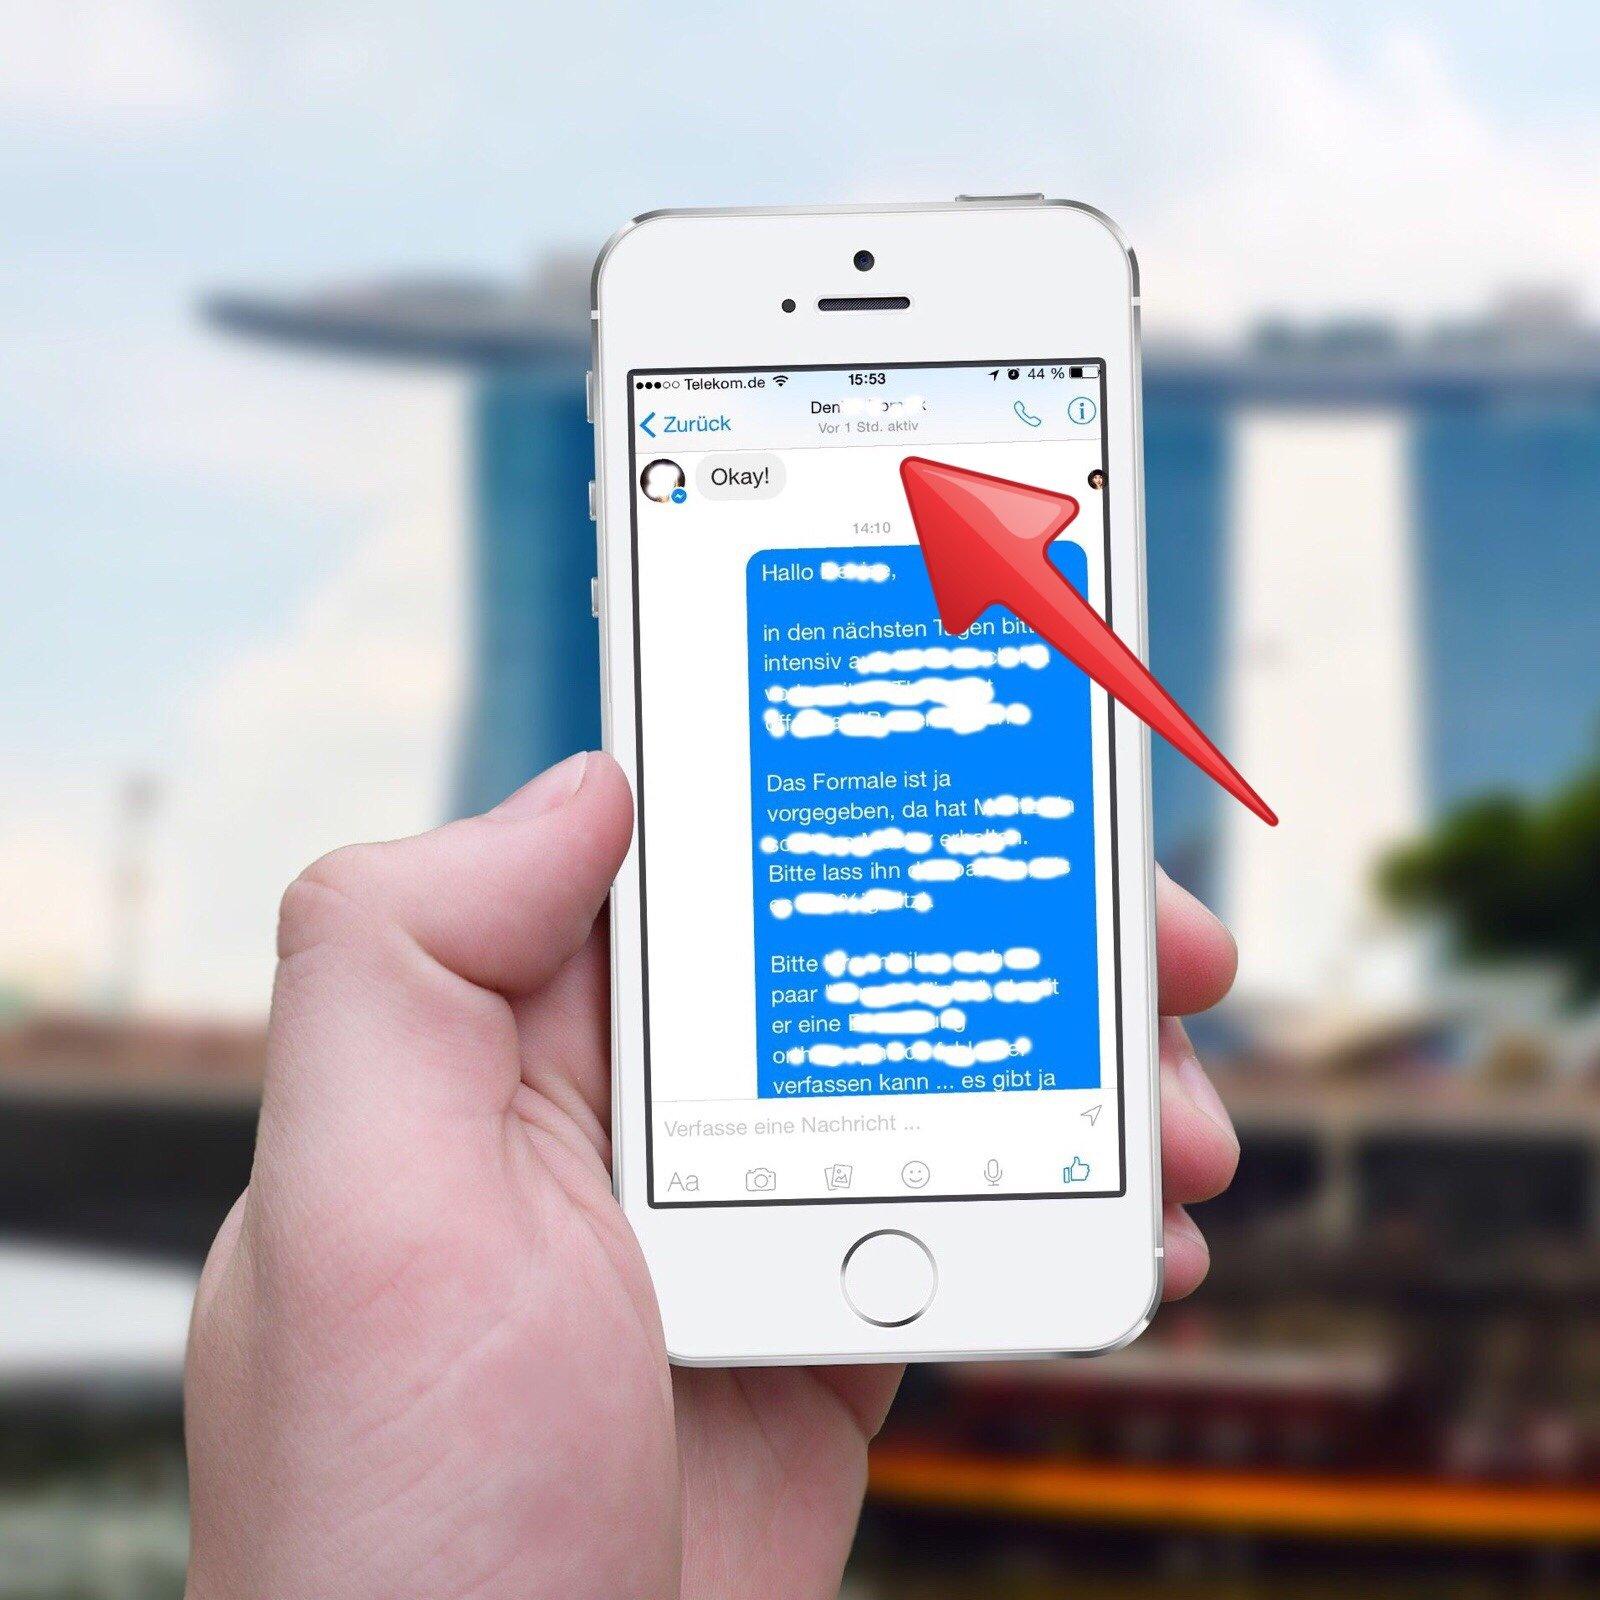 Facebook Messenger auf dem iPhone: Tipp zur Zuletzt aktiv